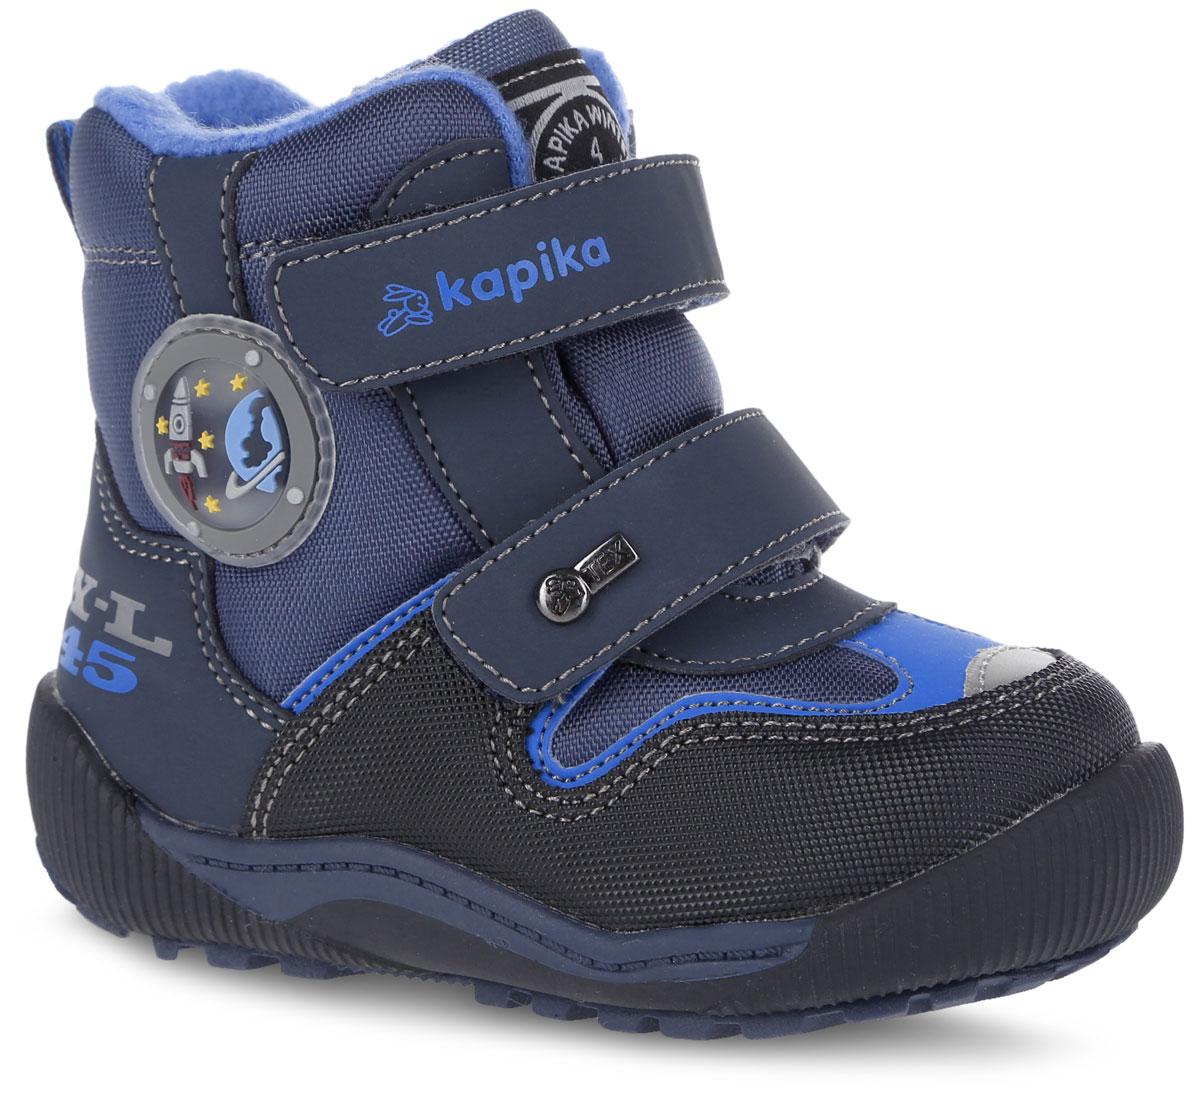 Ботинки для мальчика. 41173-141173-1Удобные высокие ботинки от Kapika придутся по душе вашему мальчику! Модель изготовлена из искусственной кожи и плотного текстиля. Изделие оформлено вставками и прострочкой, сбоку - аппликацией из ПВХ на тему космоса, на язычке - фирменной нашивкой, на ремешках - тиснением с названием бренда и металлическим элементом. Ярлычок на заднике предназначен для удобства обувания. Два ремешка на застежках-липучках надежно фиксируют изделие на ноге. Мягкая подкладка и стелька исполненные из текстиля, на 80% состоящего из натурального овечьего шерстяного меха, обеспечивают тепло, циркуляцию воздуха и сохраняют комфортный микроклимат в обуви. Рифление на подошве гарантирует идеальное сцепление с любыми поверхностями. Стильные ботинки займут достойное место в гардеробе вашего ребенка, они идеально подойдут для теплой зимы, а также поздней осени и ранней весны.